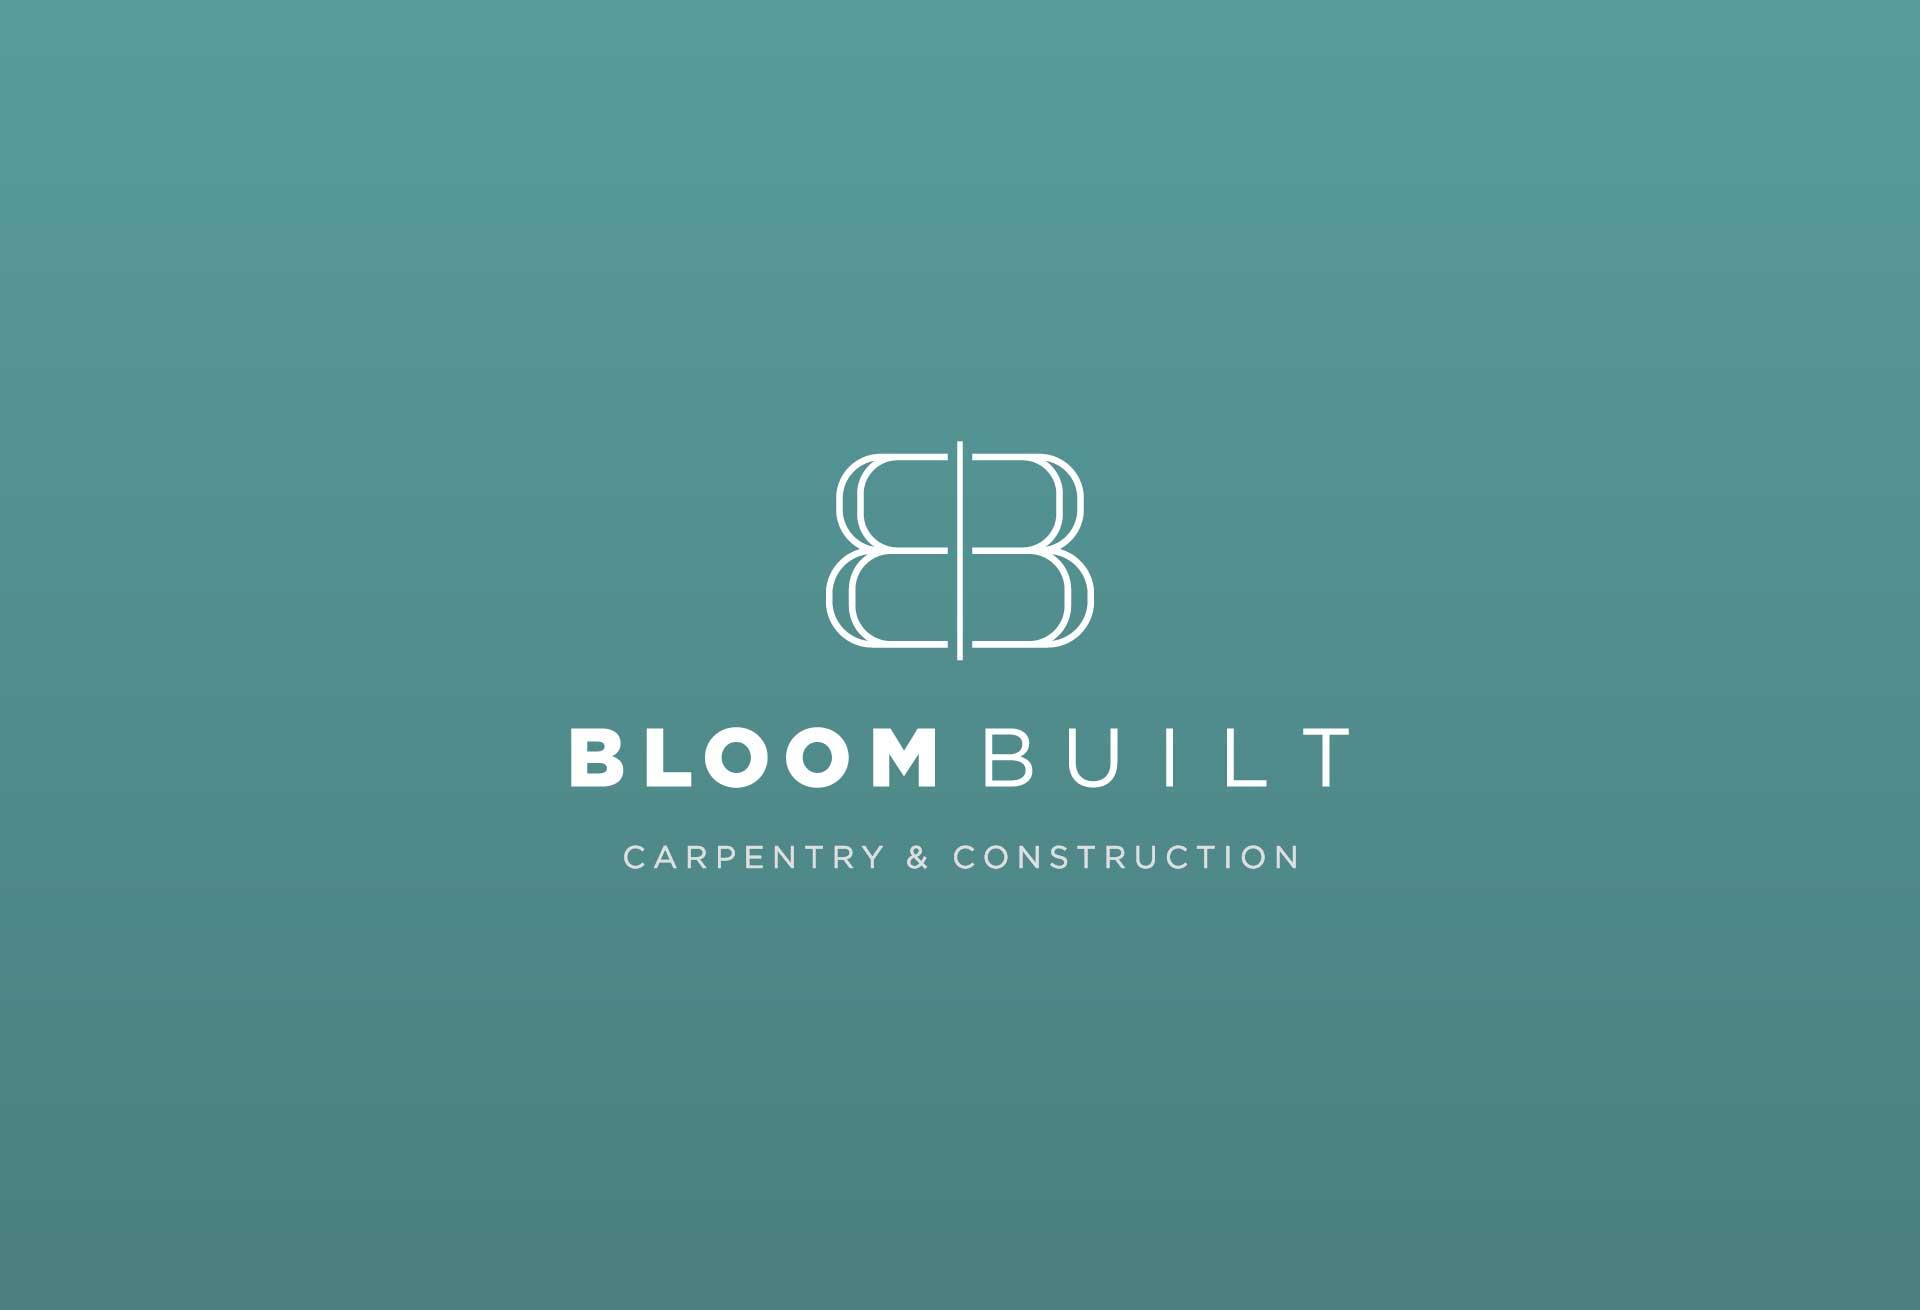 Logo Design for Bloom Built Carpentry